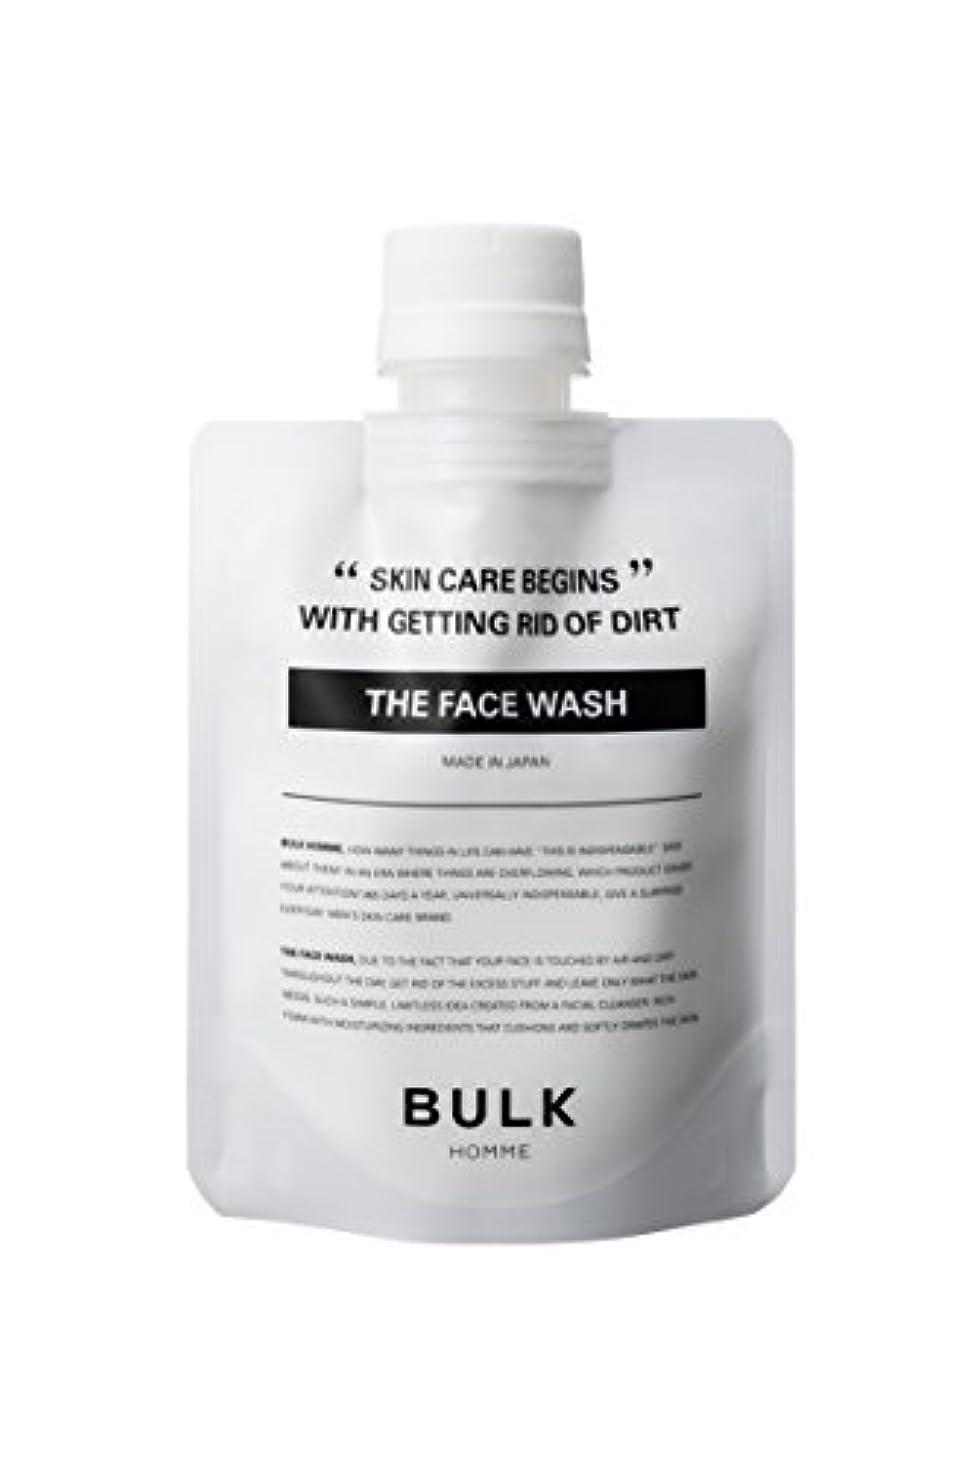 義務付けられた十分な信者BULK HOMME THE FACE WASH 洗顔料 100g